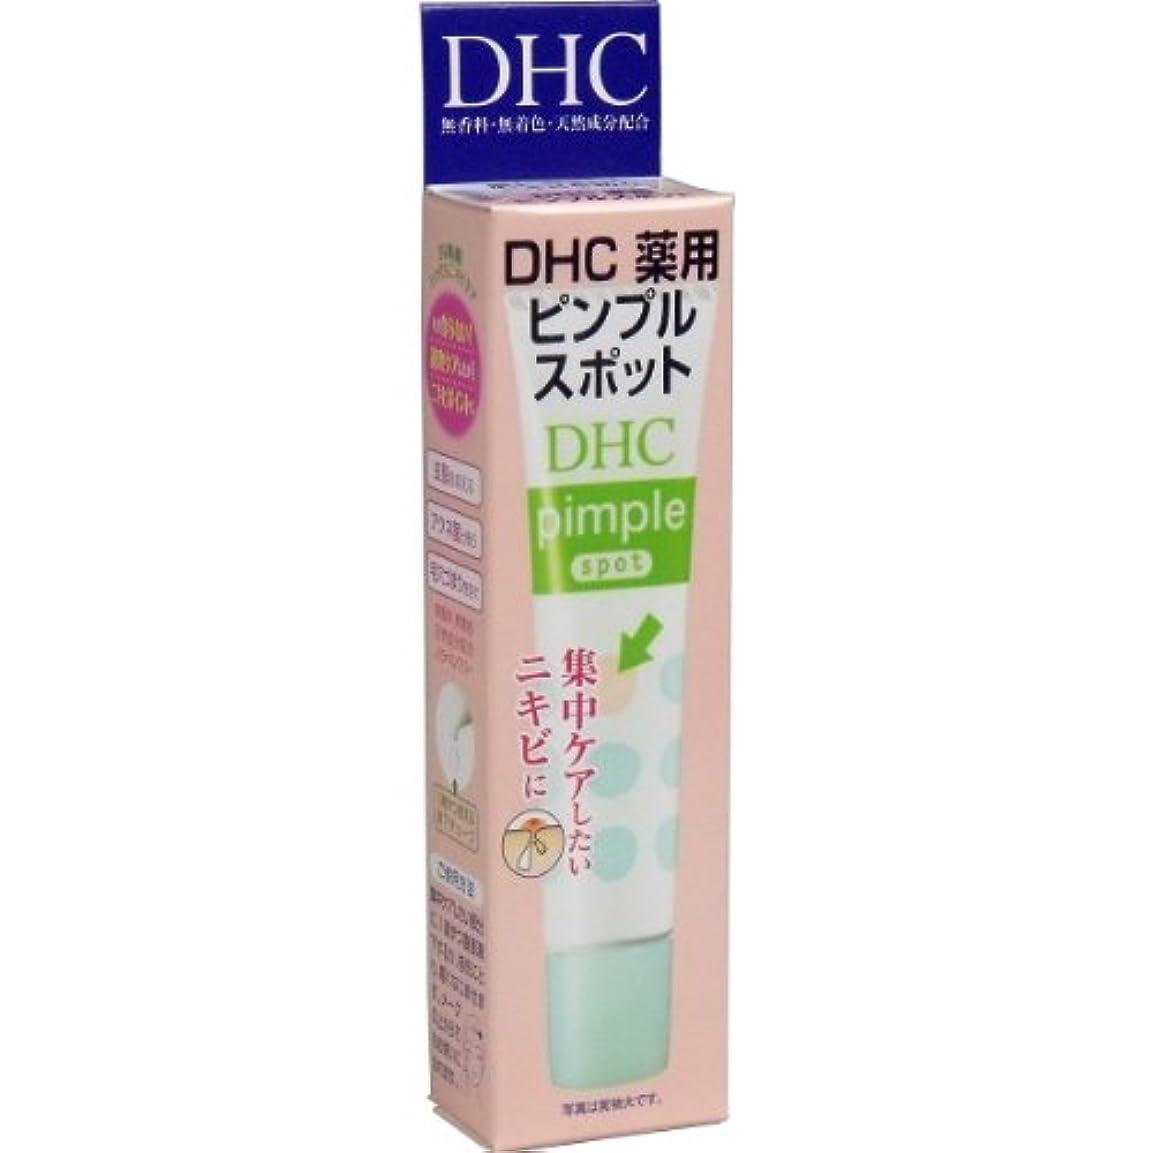 有名摂氏度特徴DHC 薬用ピンプルスポット15ml